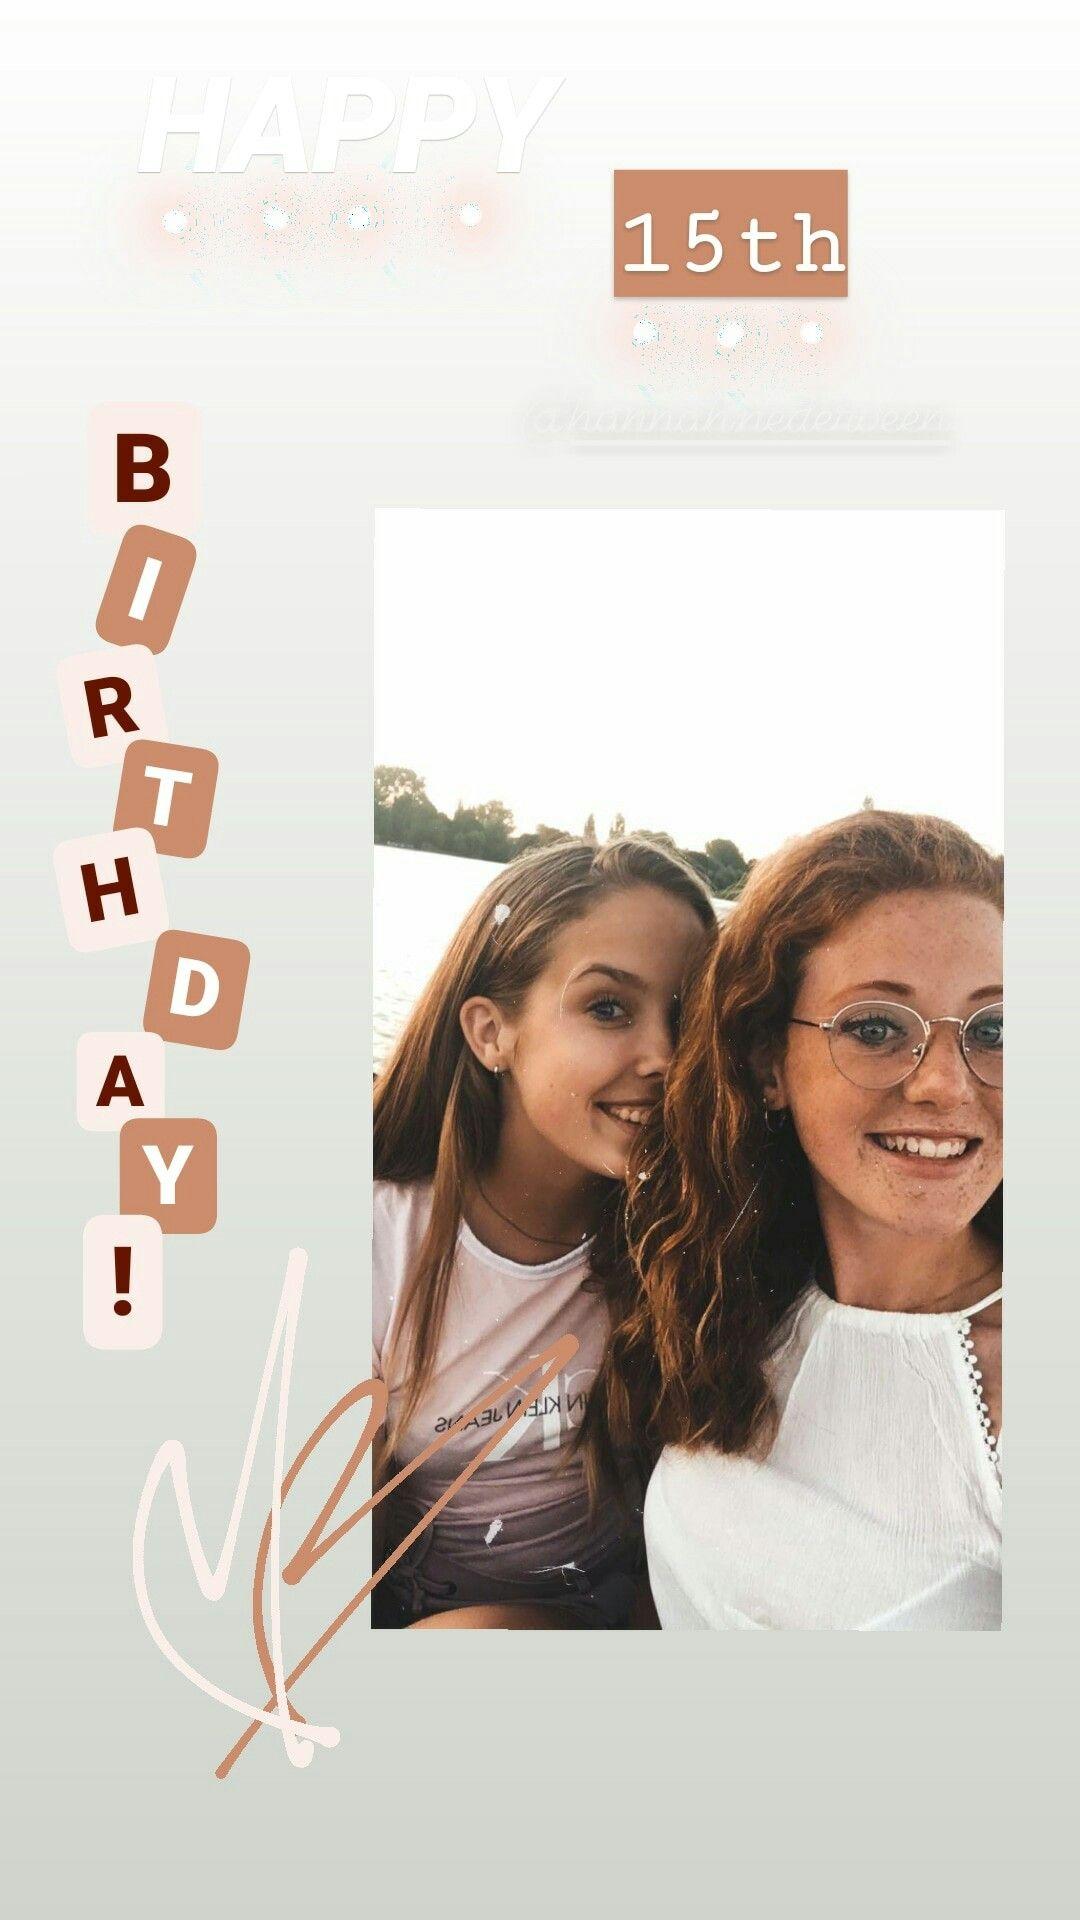 Birthday Wishes Instagram Photo Ideas Posts Instagram Ideas